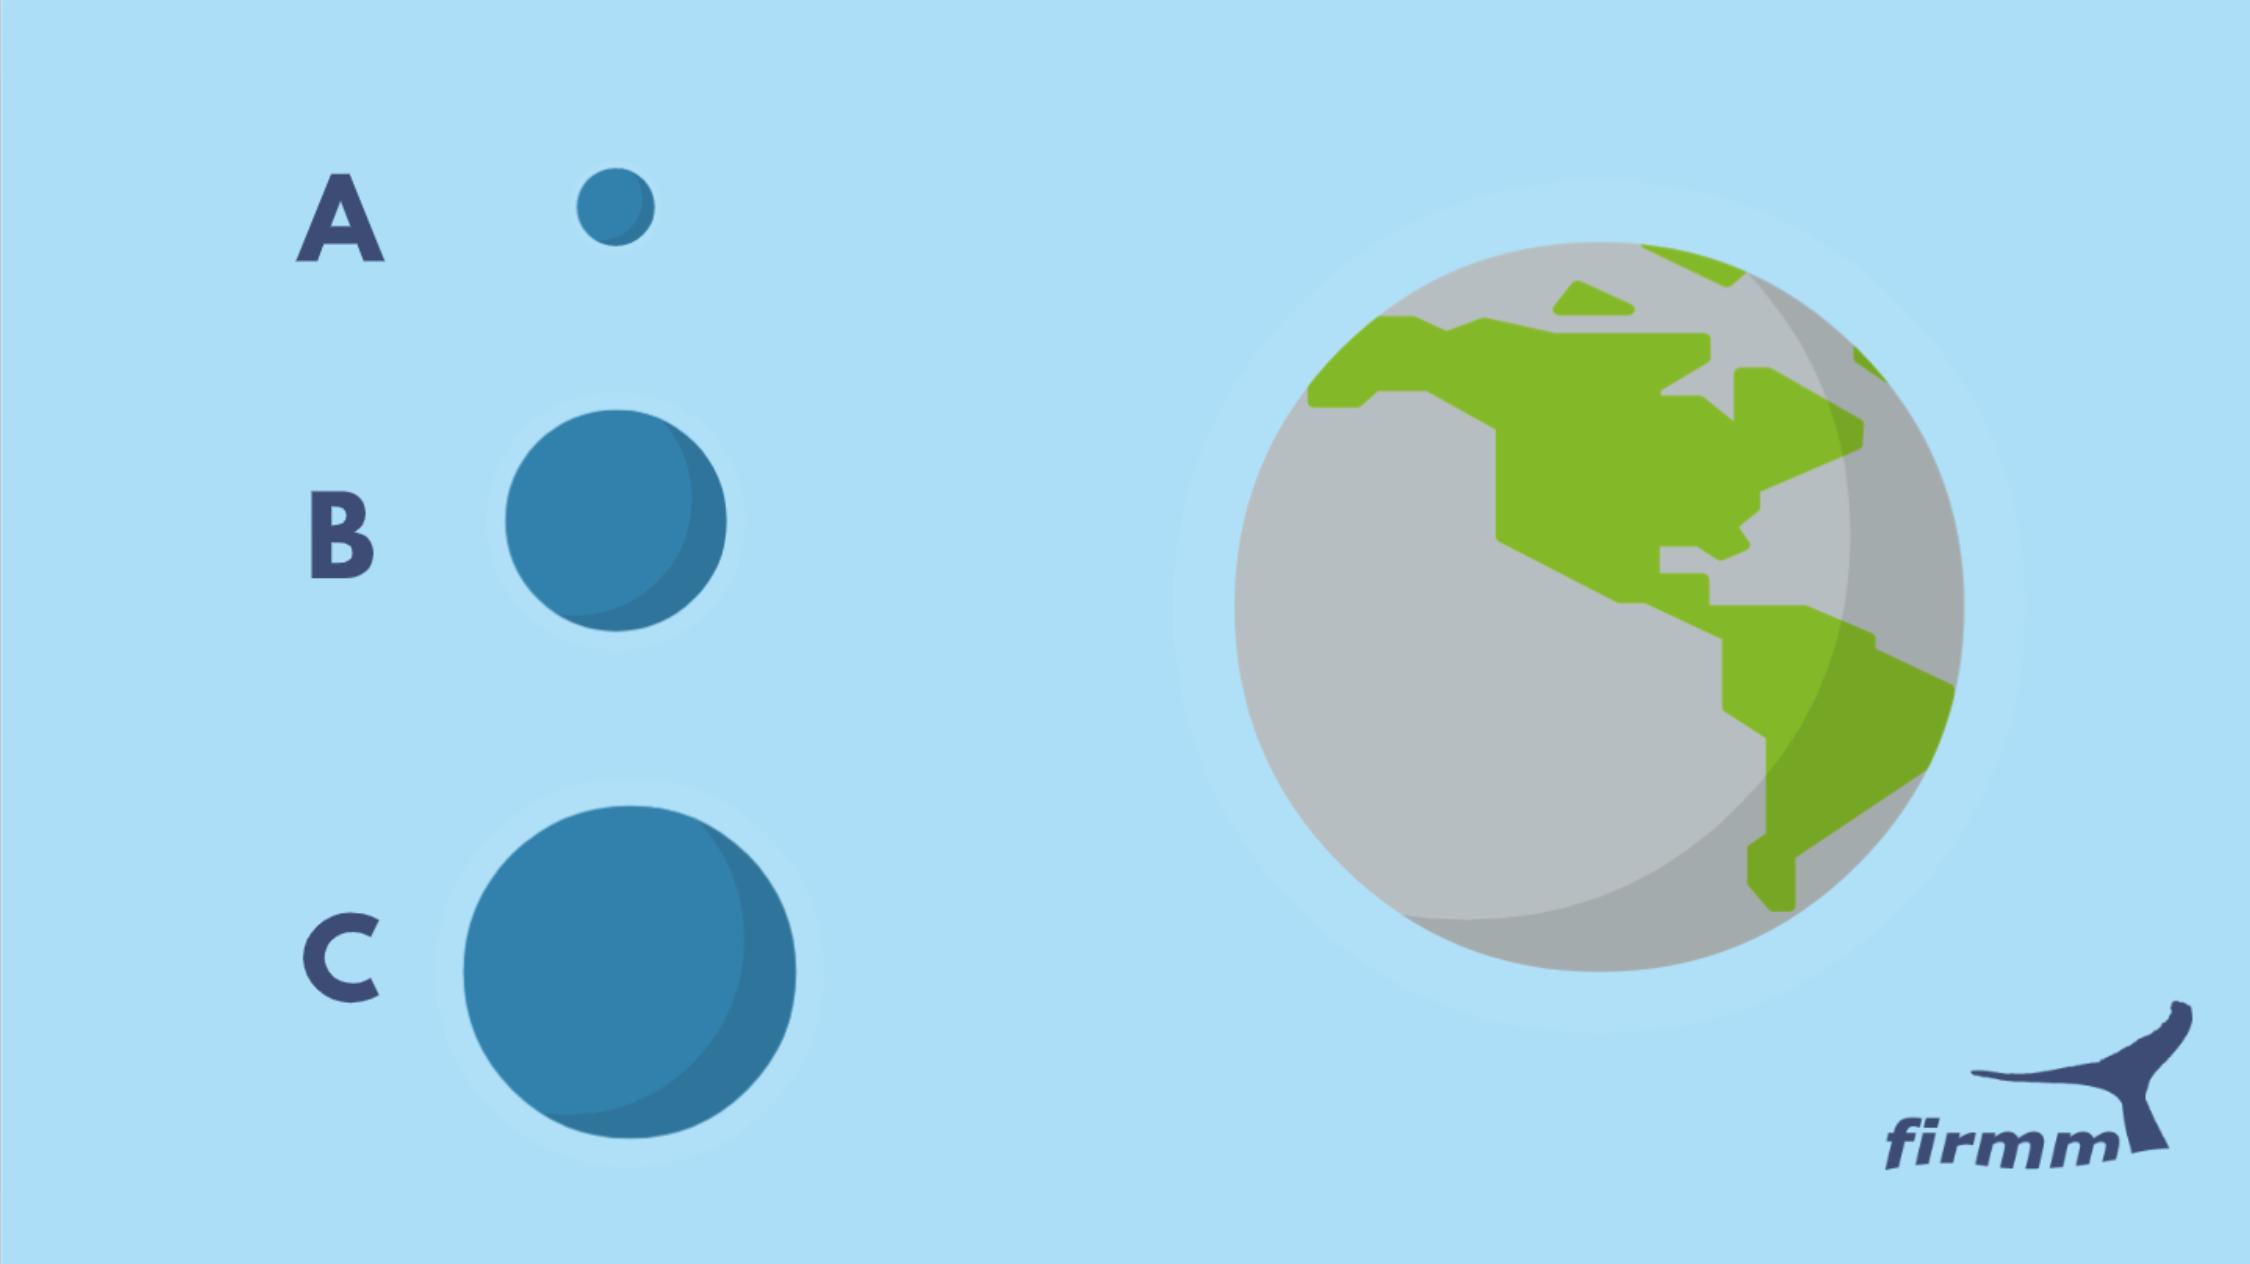 Verhältnis Wasser zur Größe der Erde